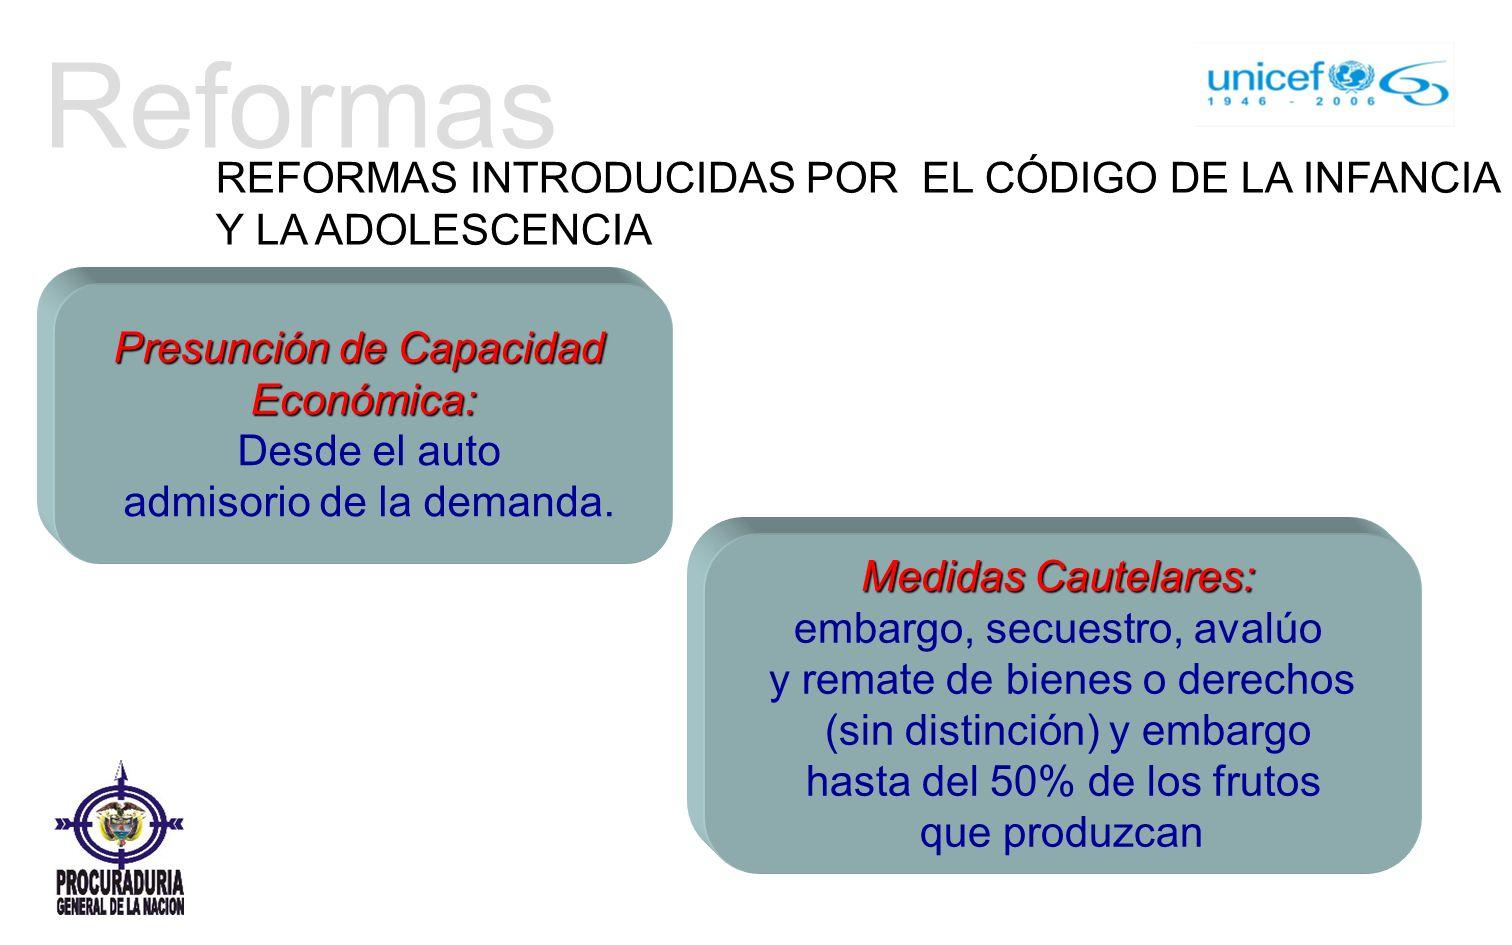 Reformas Presunción de Capacidad Económica: Desde el auto admisorio de la demanda.